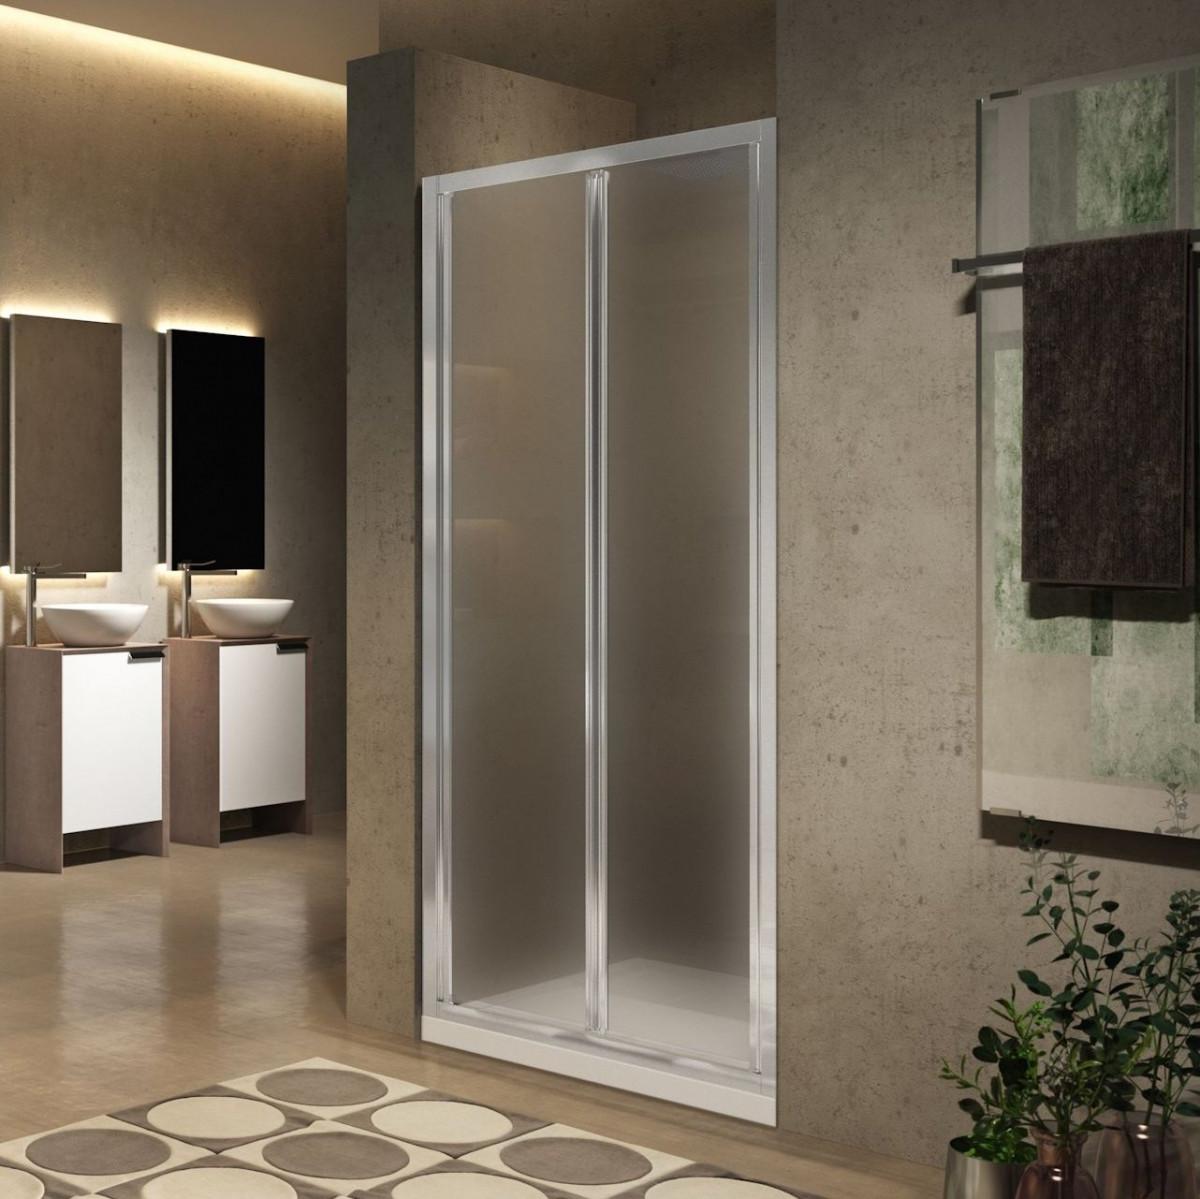 Novellini lunes 2 0 s folding shower door 780 840mm for Novellini shower doors